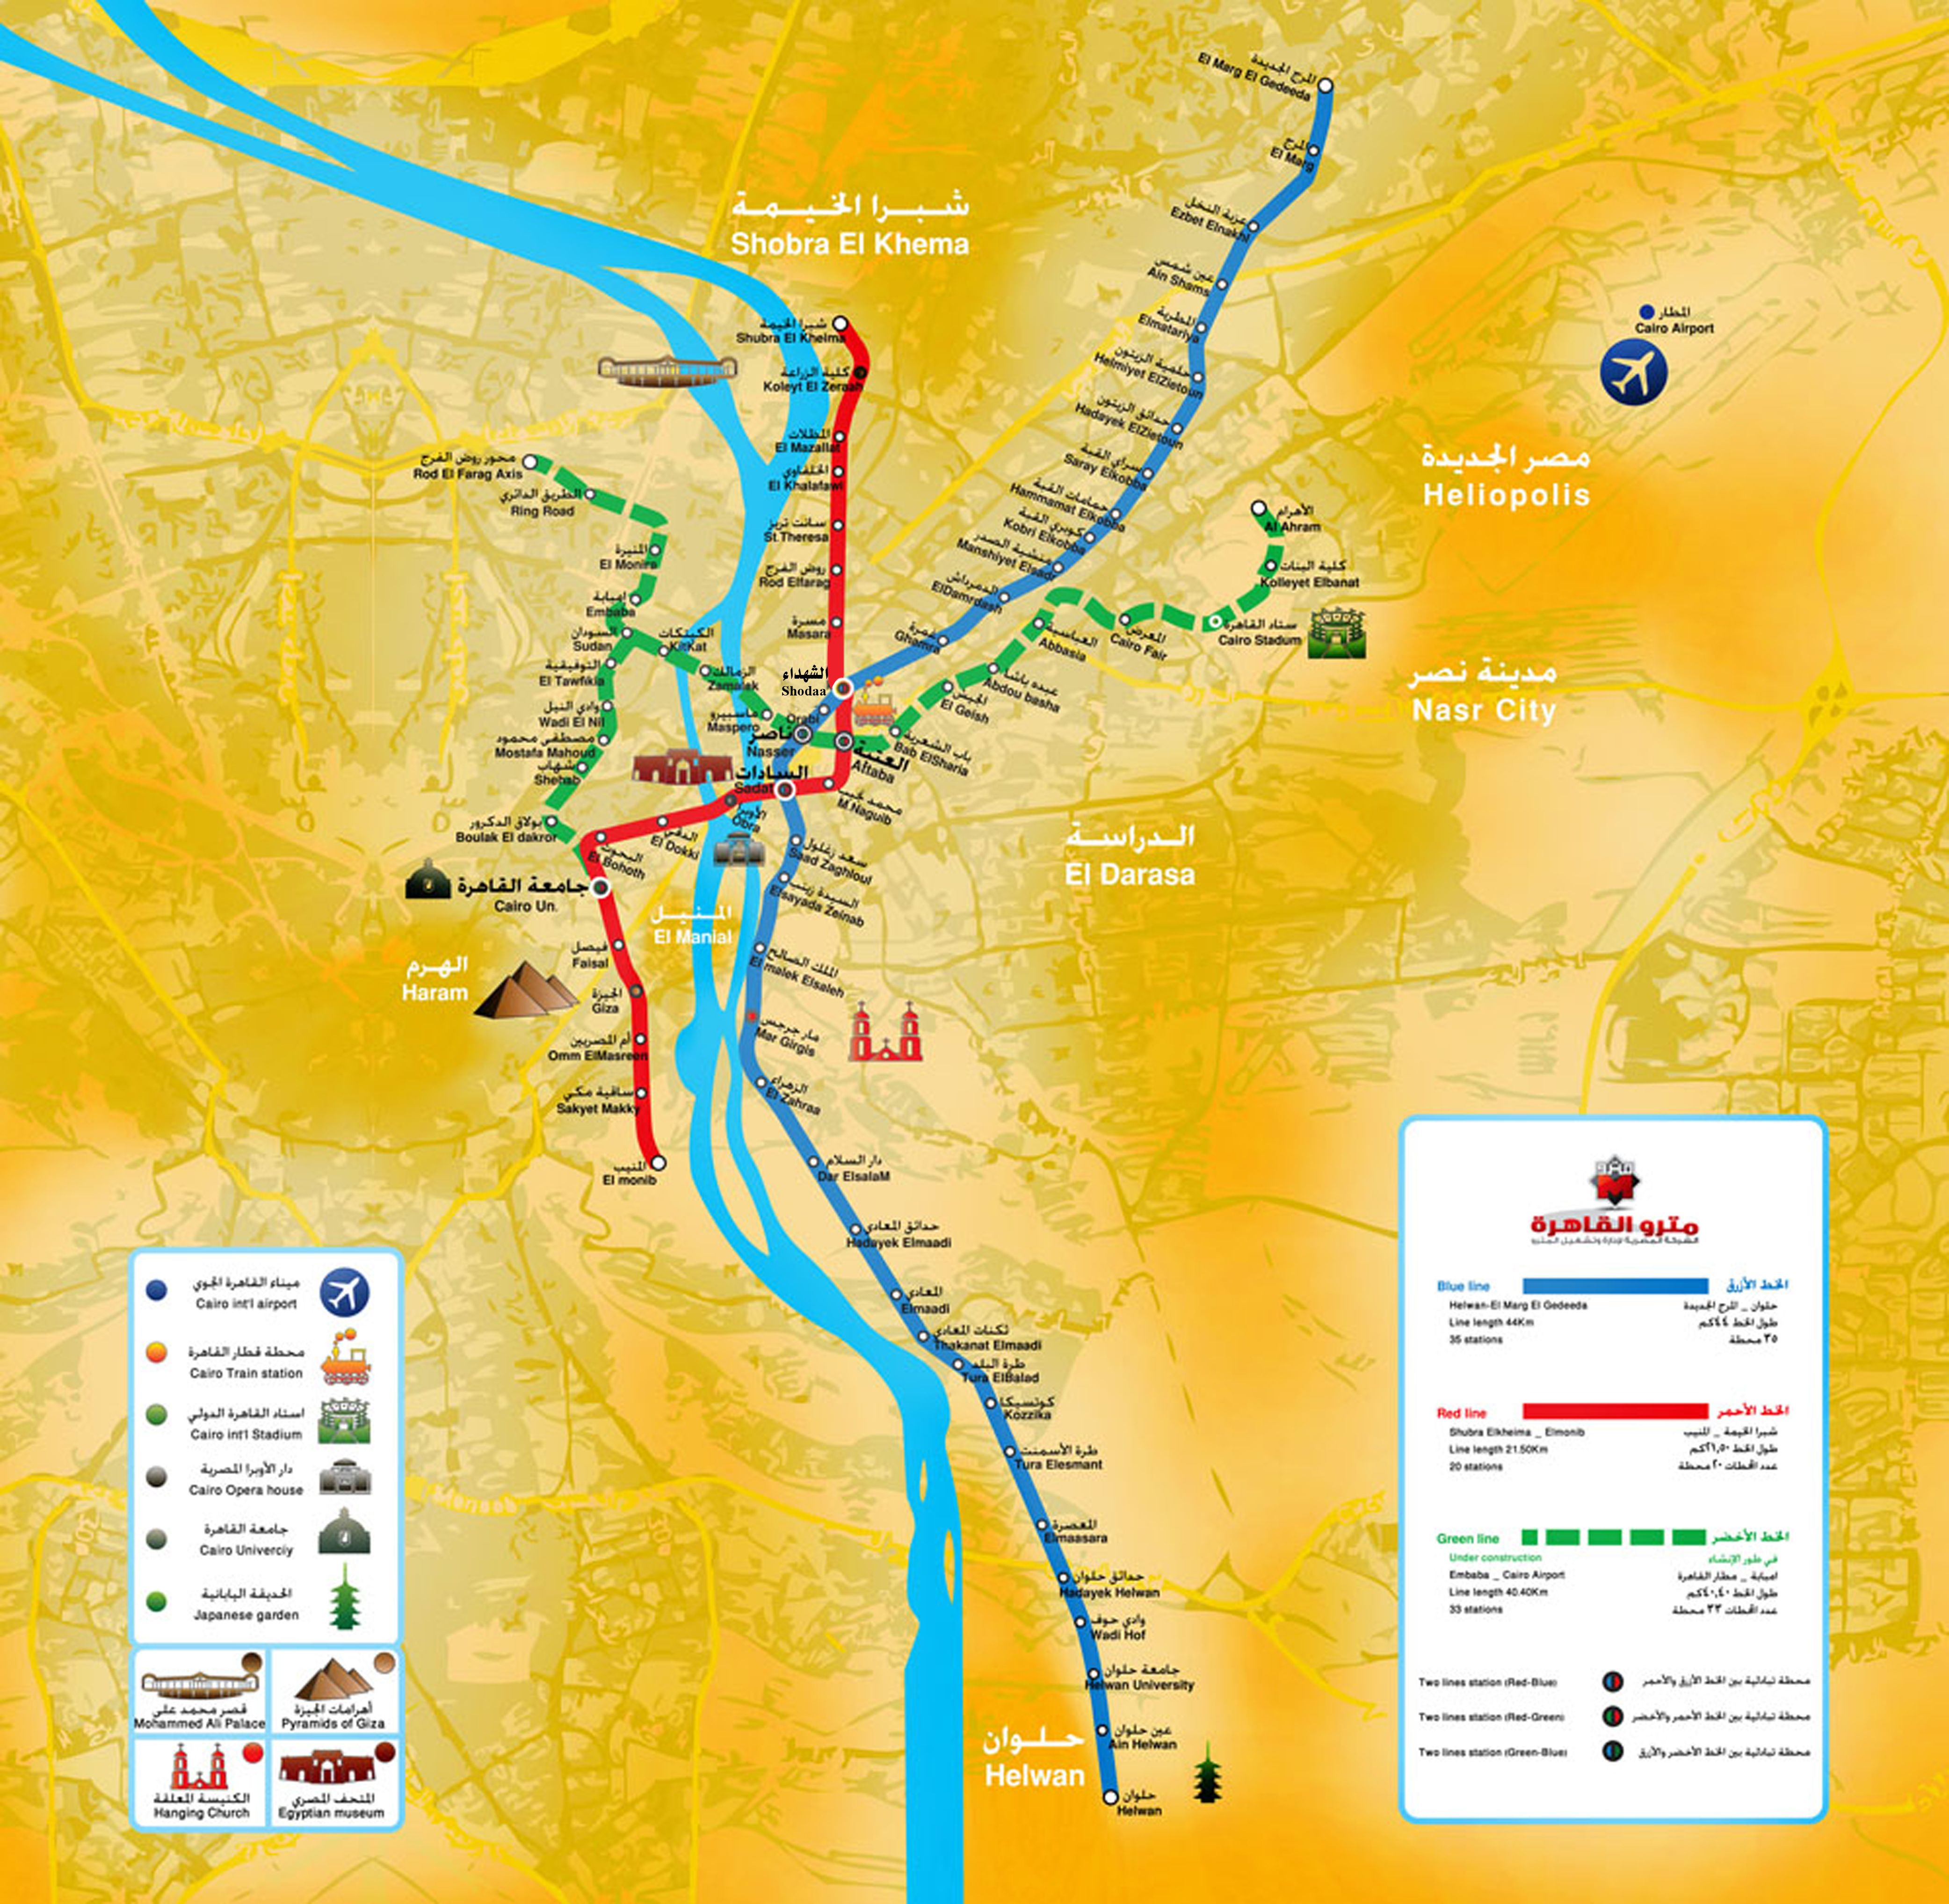 Mapa Del Metro De Cairo Egipto Cairo Mapa Del Metro Red De Metro